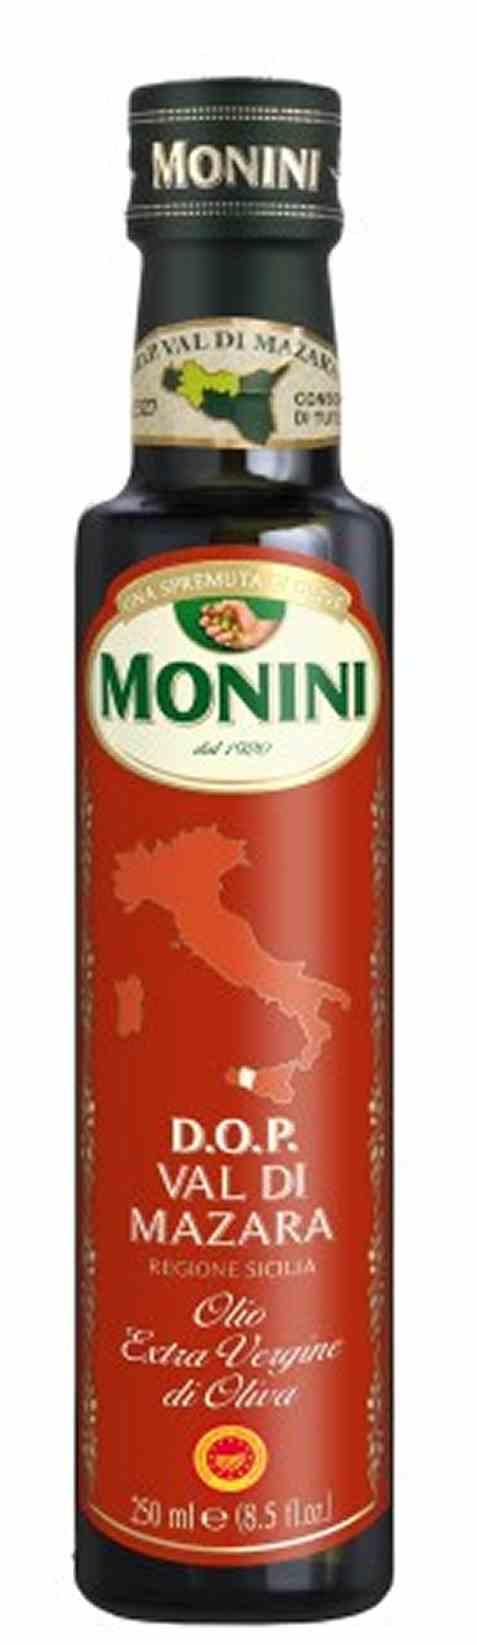 Bilde av Monini Sicilia IGP Extra Vergine.